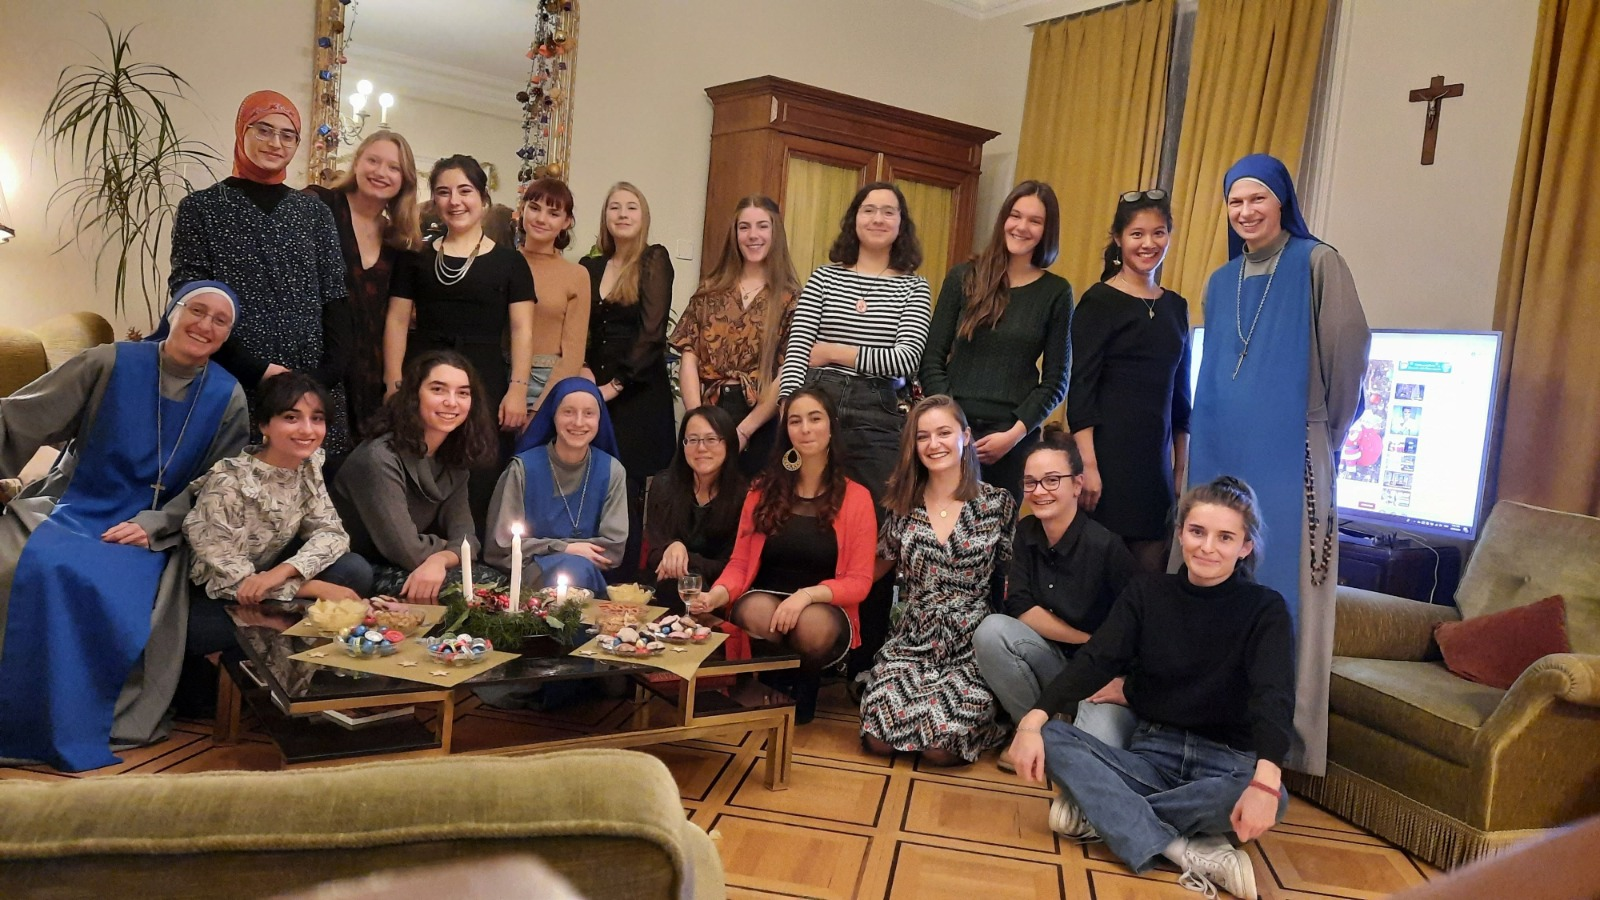 Santa Misa, cena festiva y concierto de Navidad en Suiza